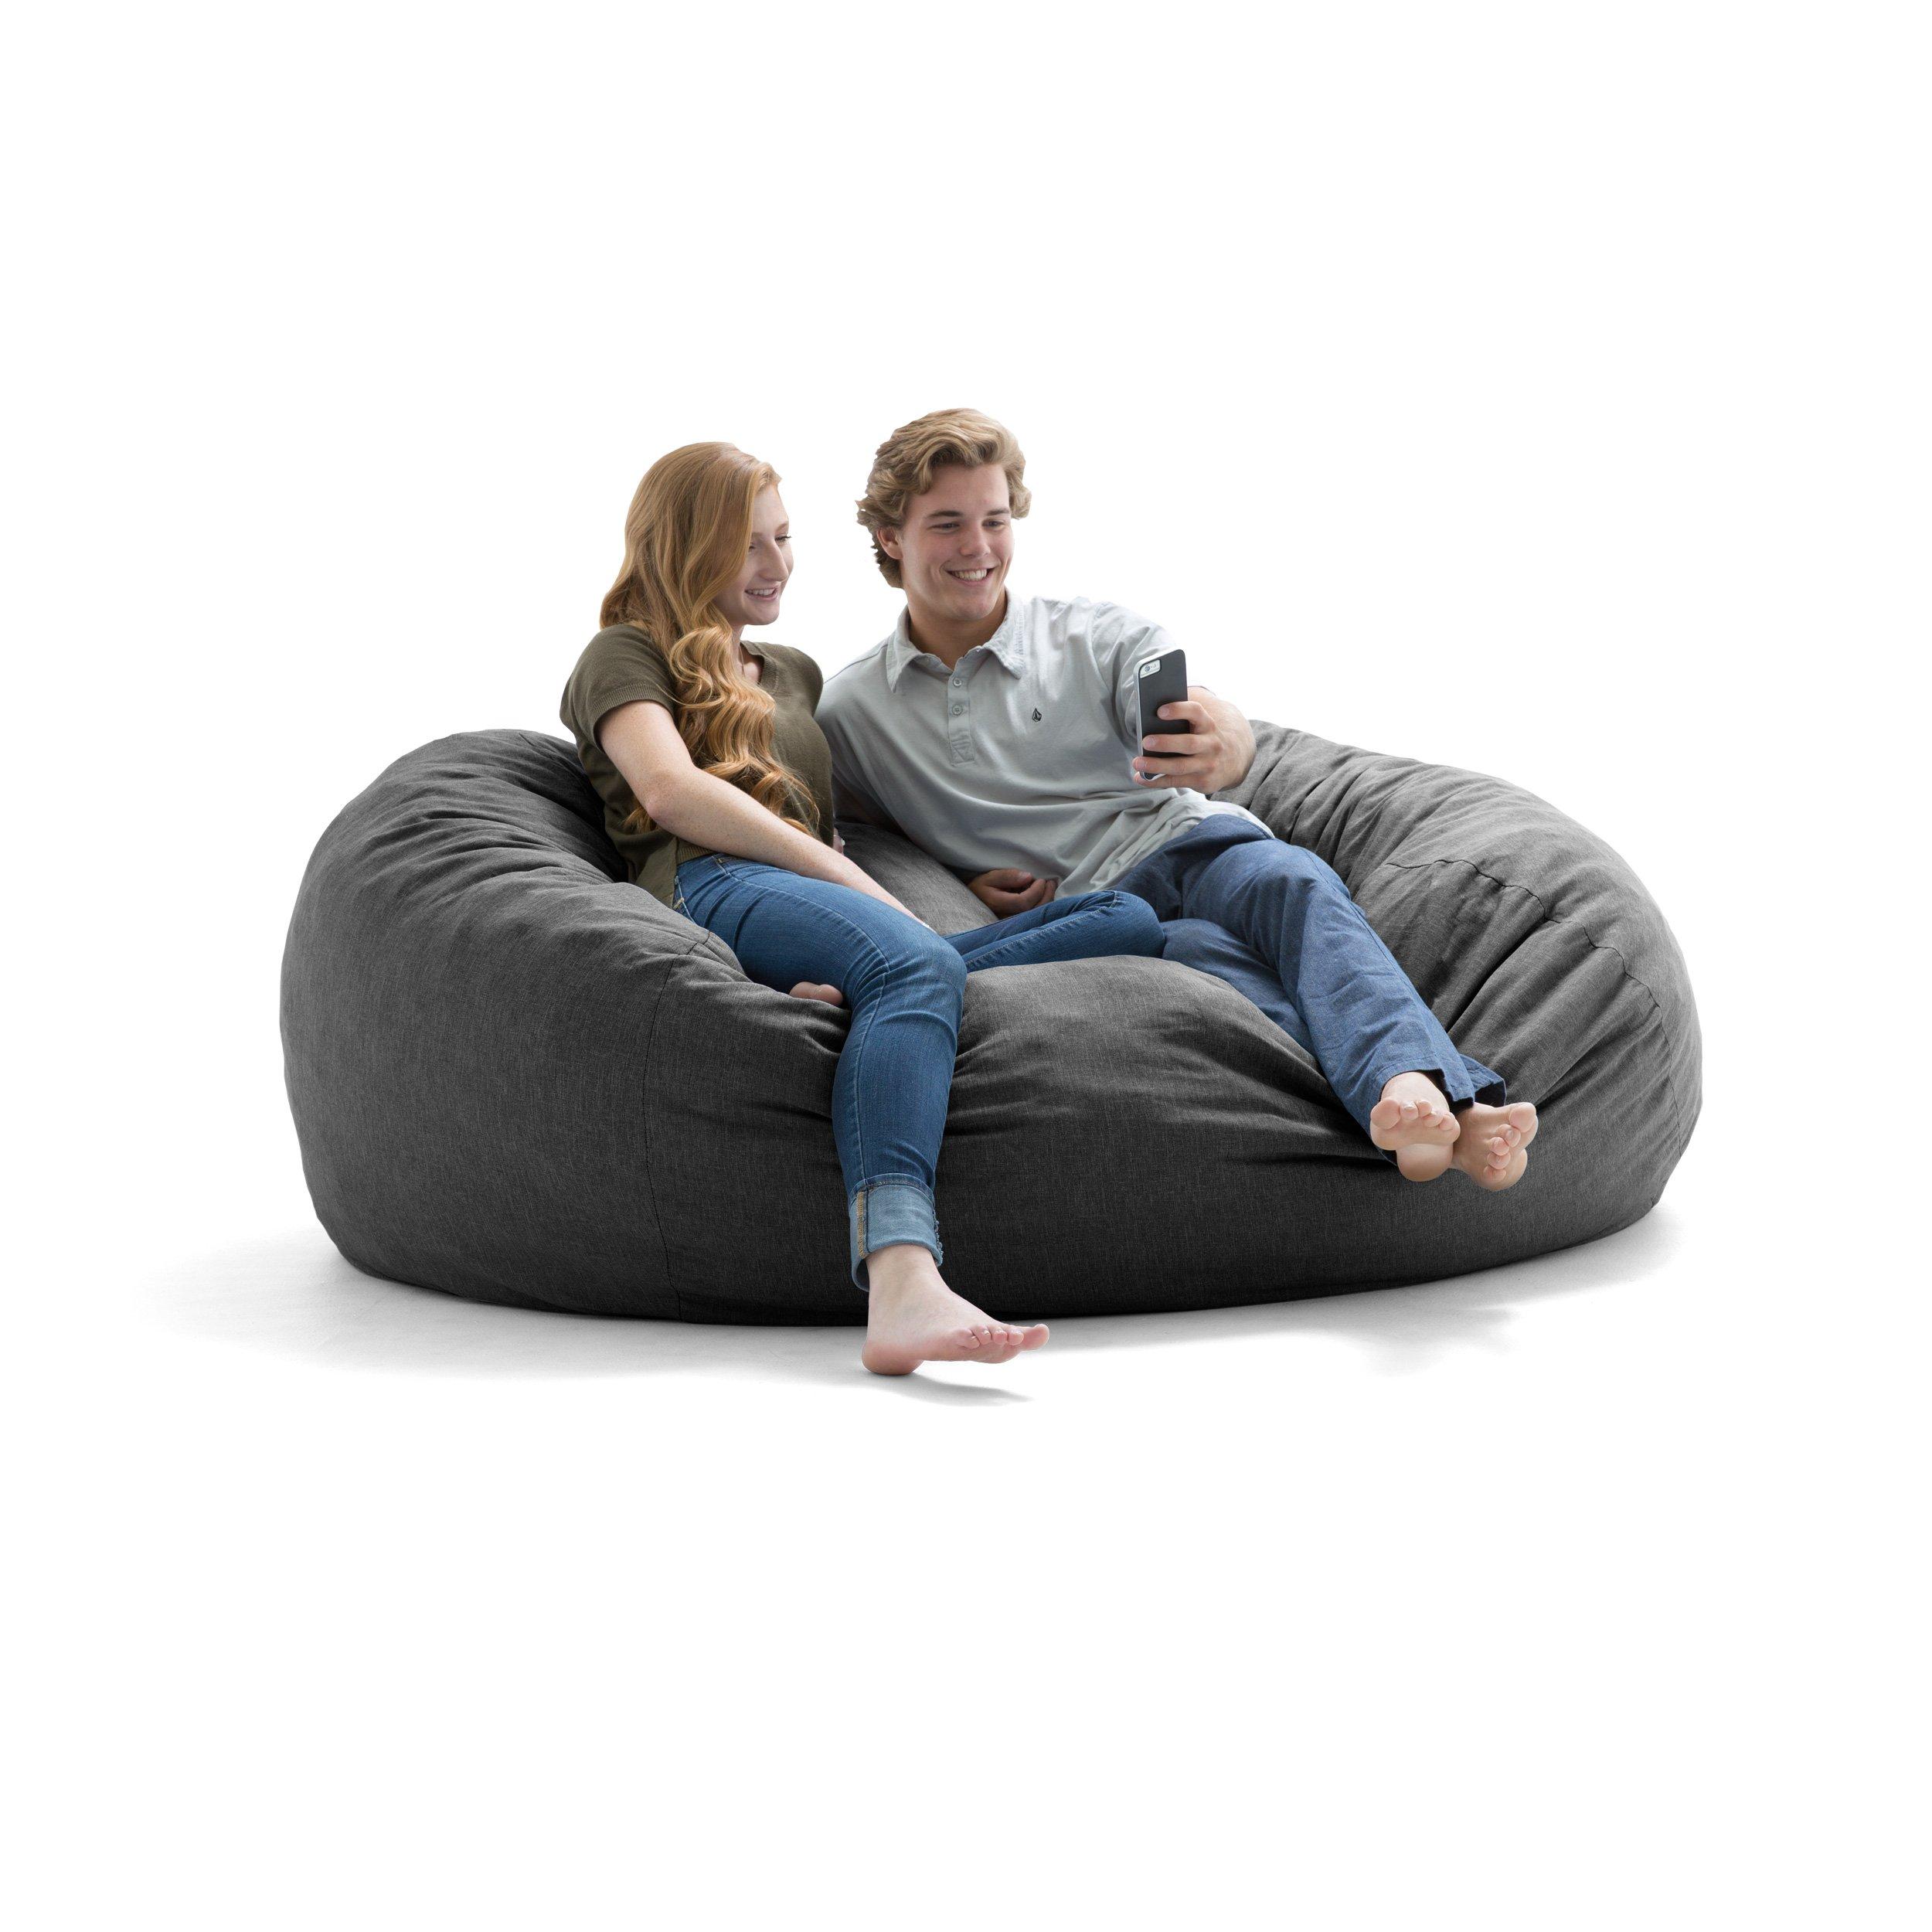 Big Joe Lux XL Fuf Foam Filled Bean Bag Chair, Union, Grey by Big Joe